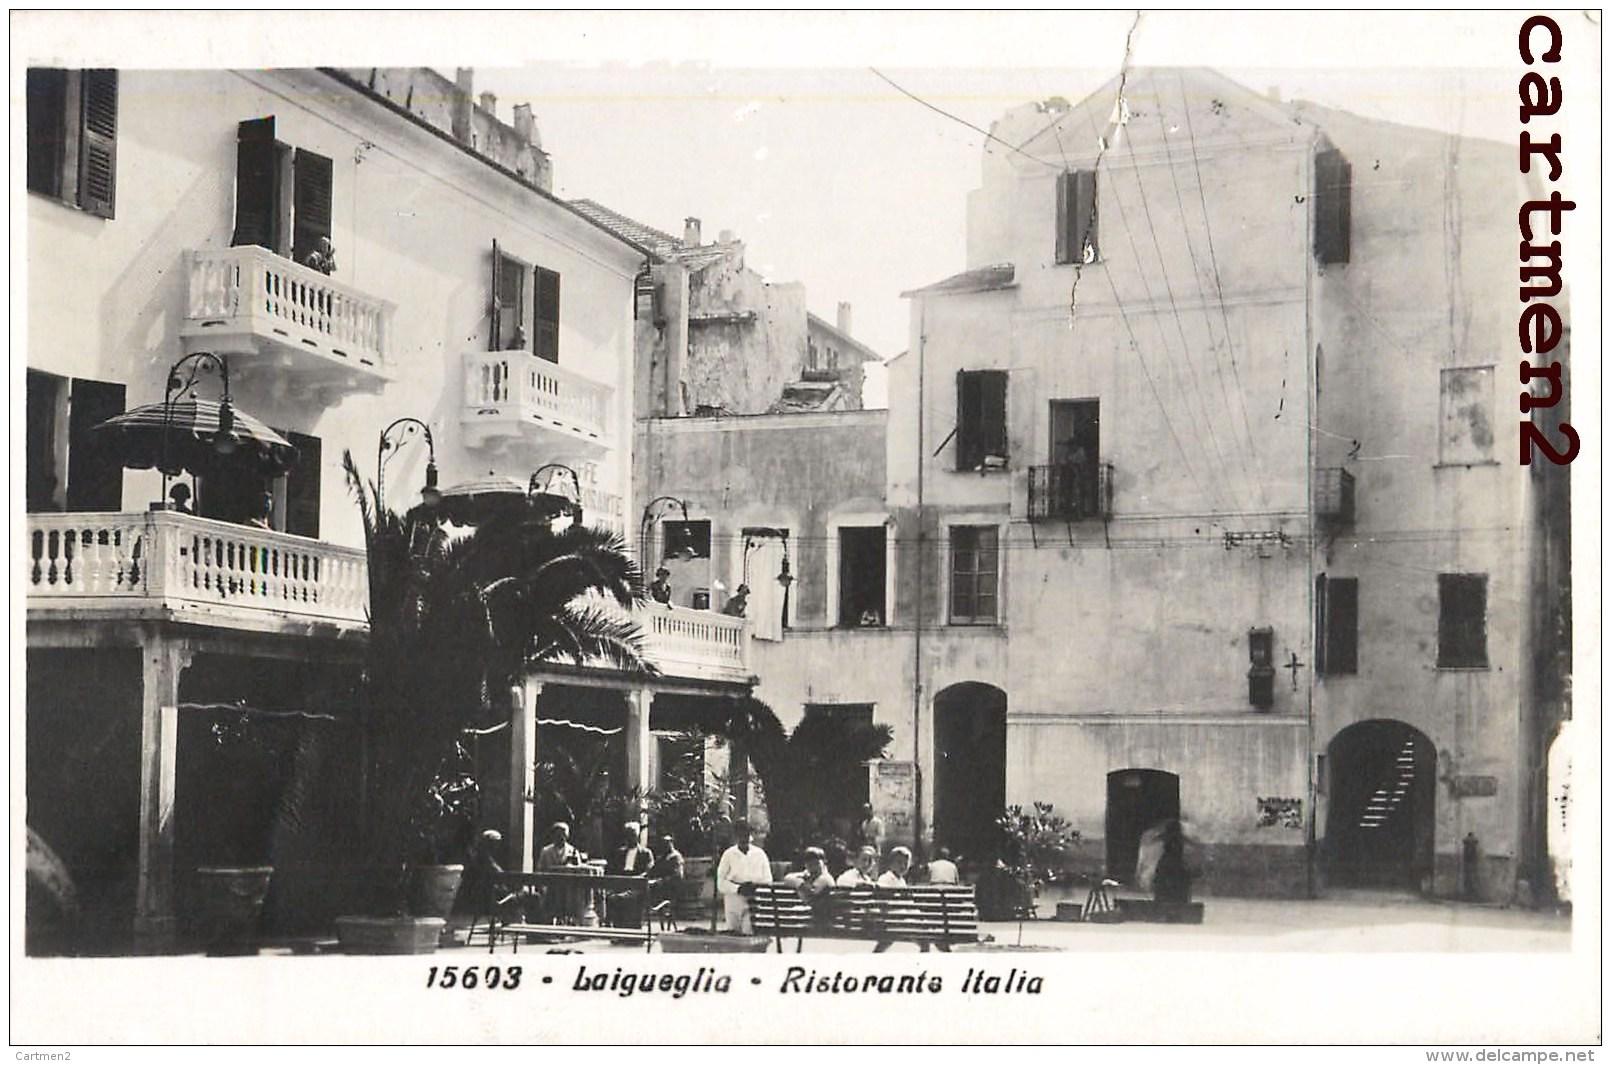 LAIGUEGLIA RISTORANTE ITALIA LIGURIA - Italia